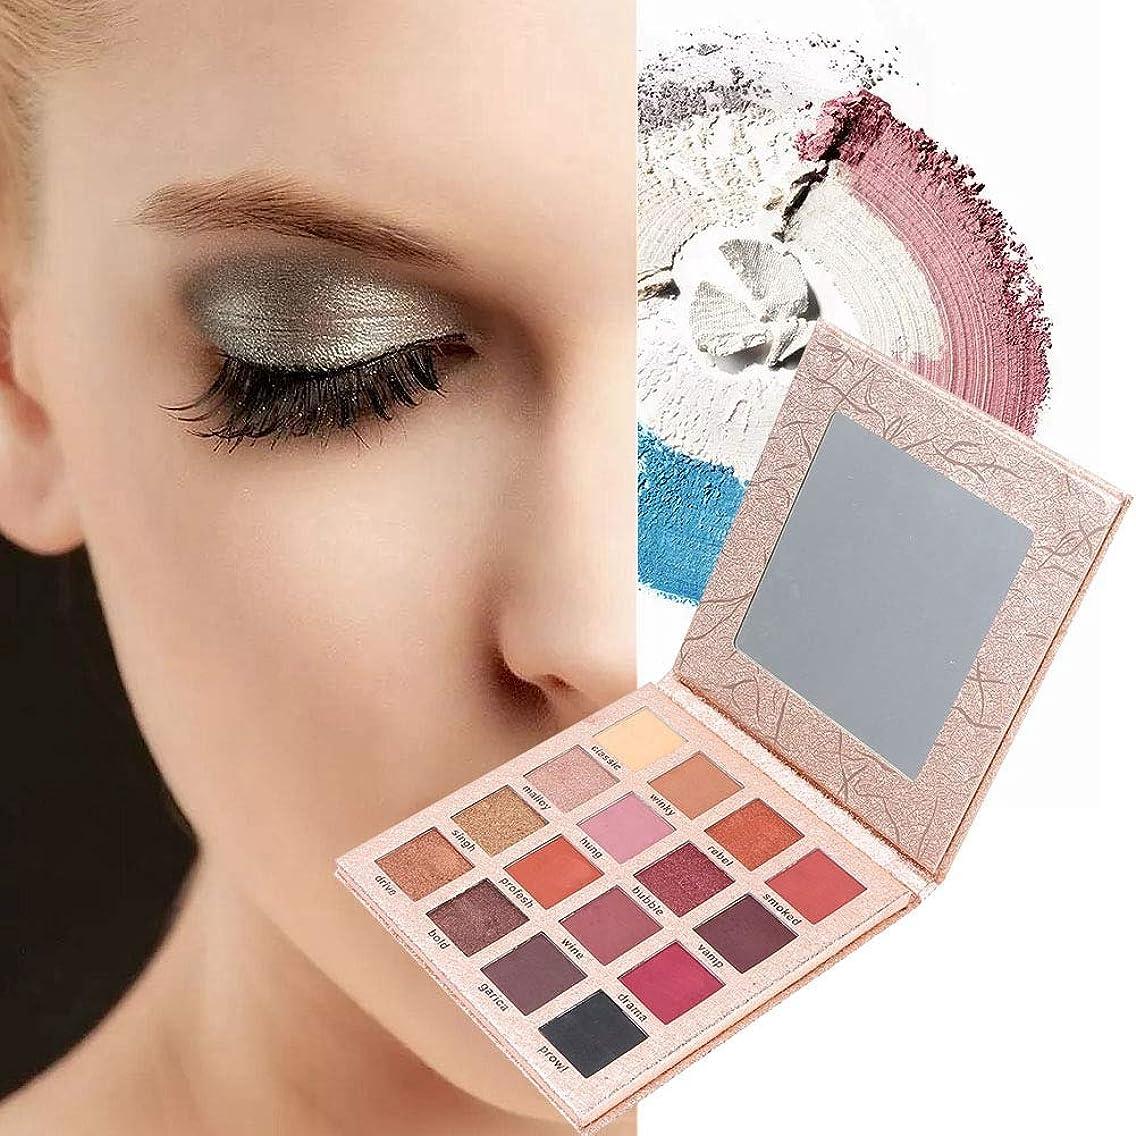 マグパッチ交渉するアイシャドウパレット 16色 アイシャドウパレット 化粧マット グロス アイシャドウパウダー 化粧品ツール